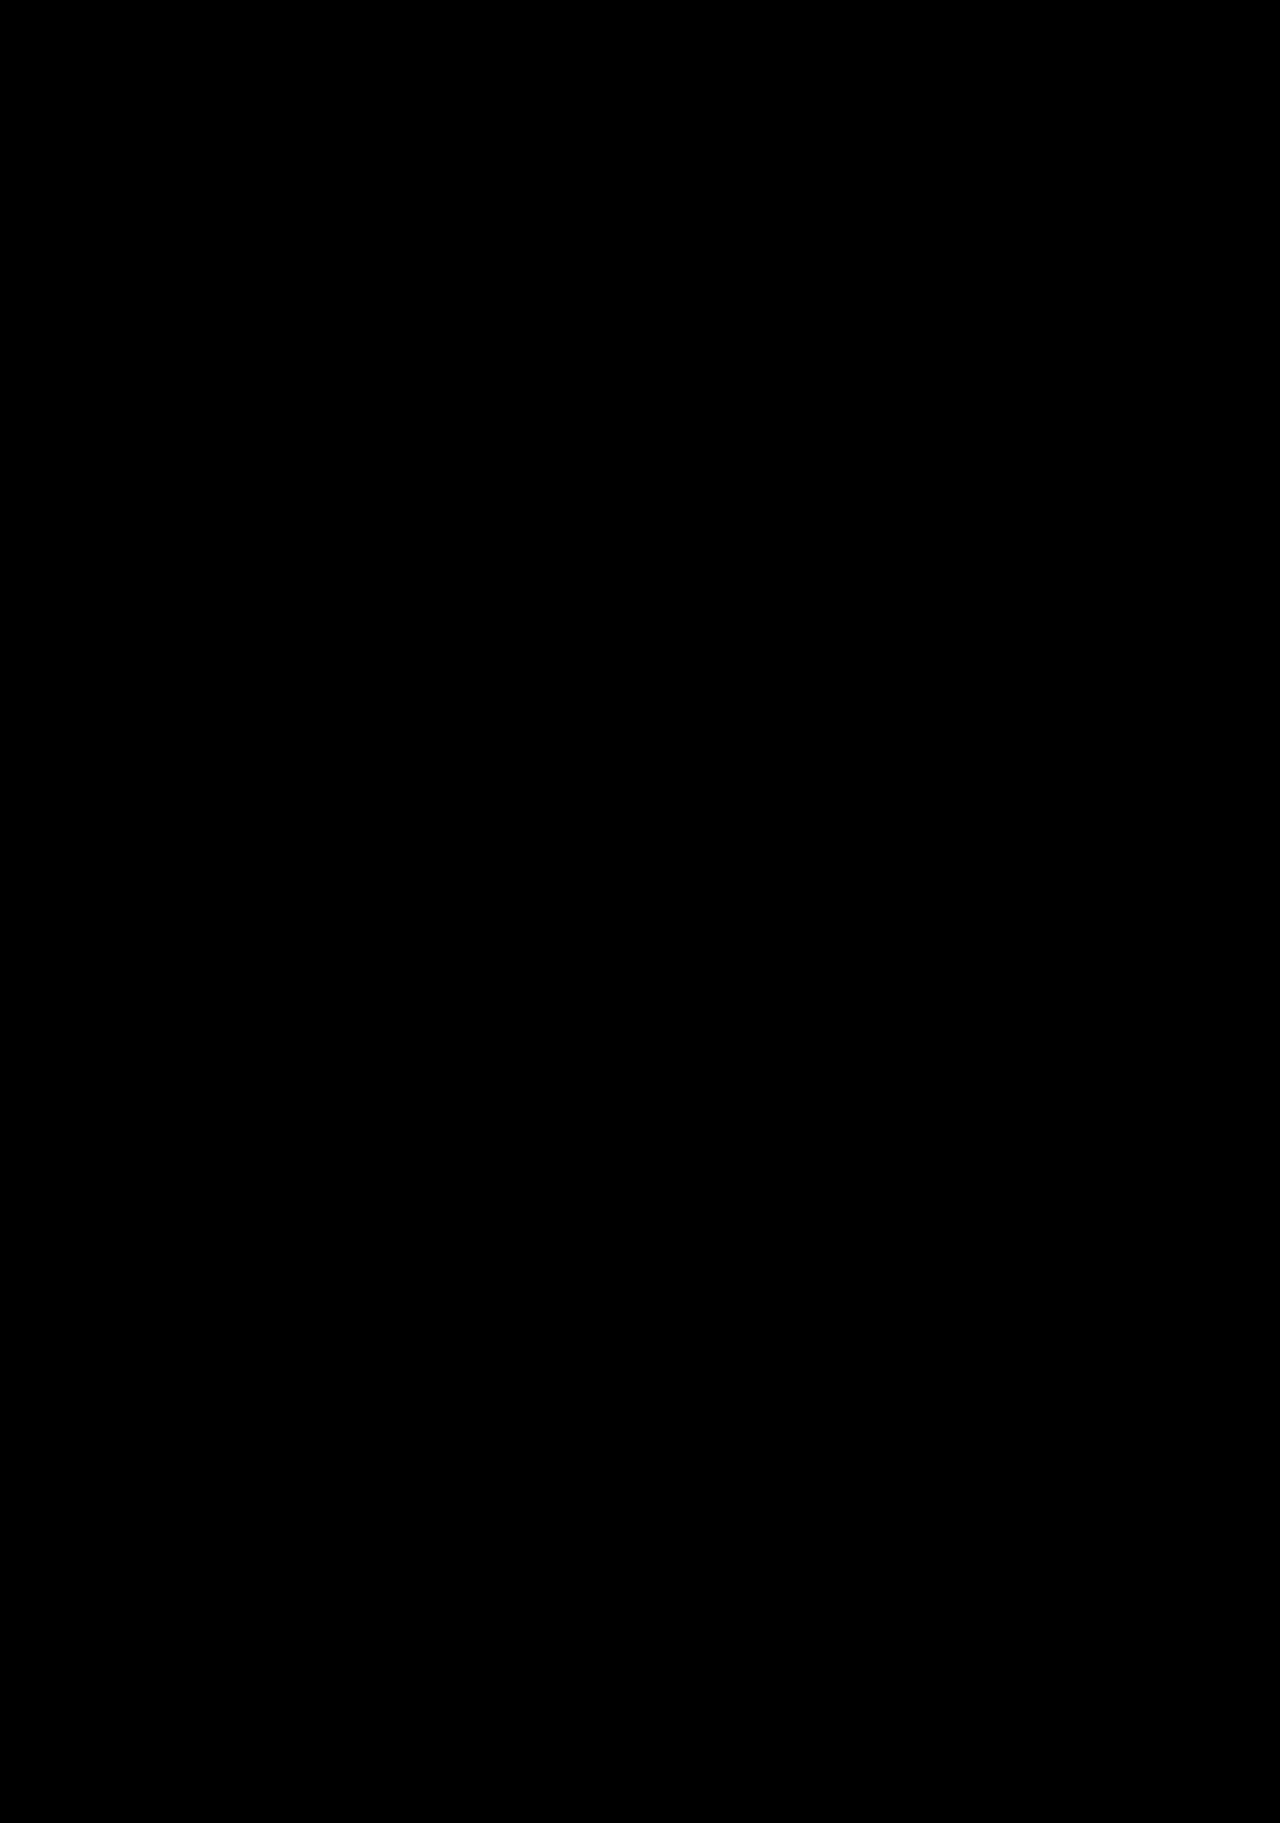 Gochidou-sama deshita. 26